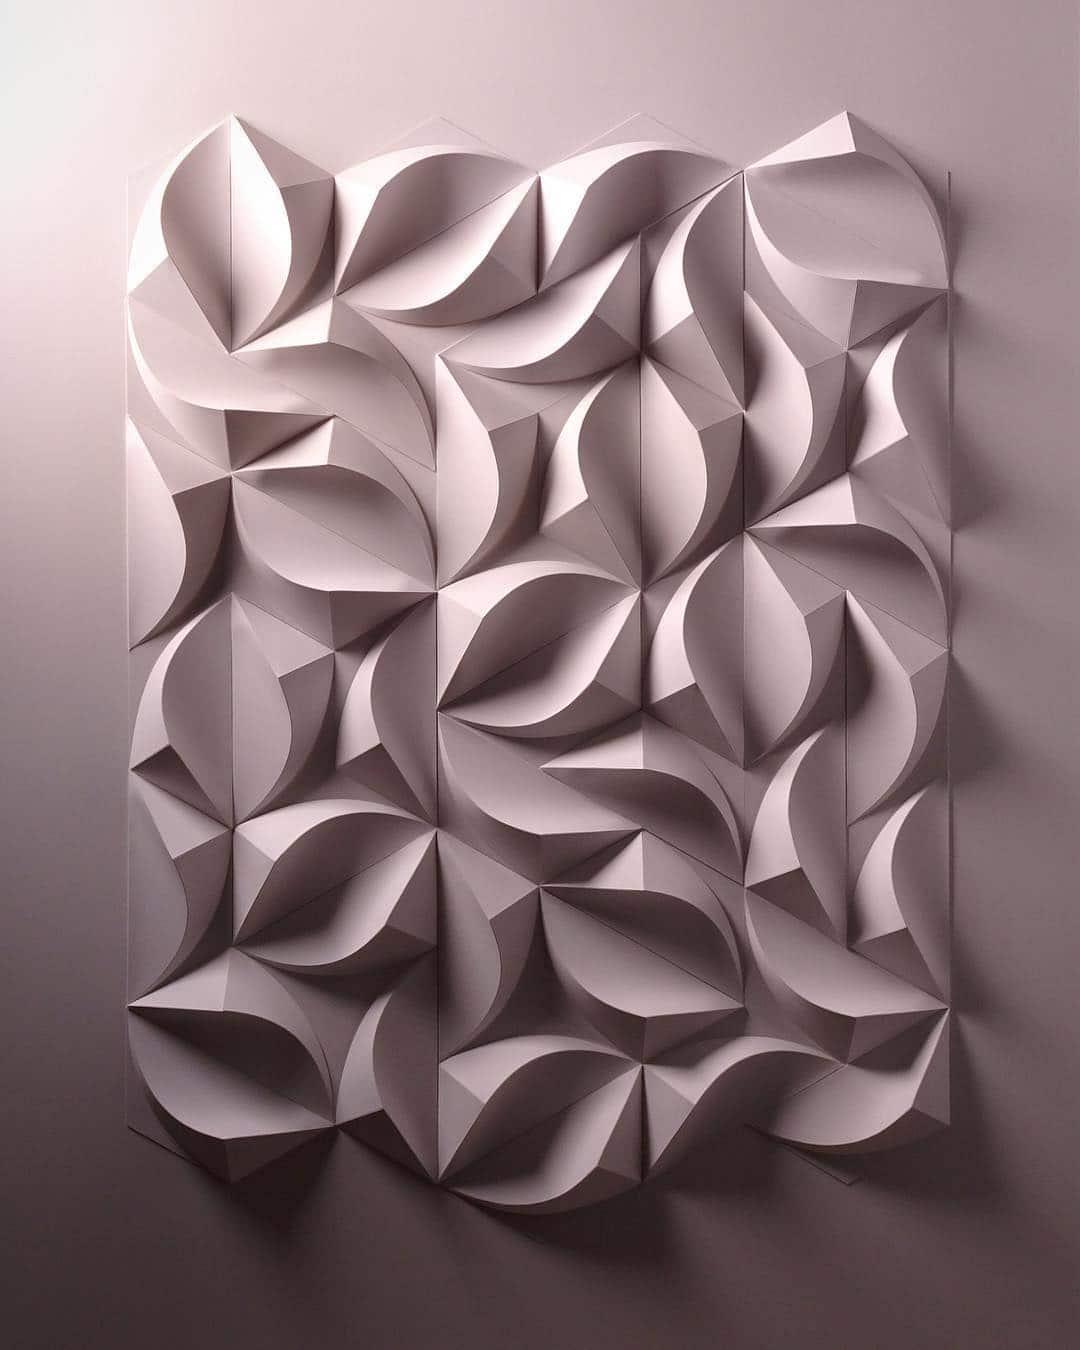 3d paper sculpture matthew shlian 4